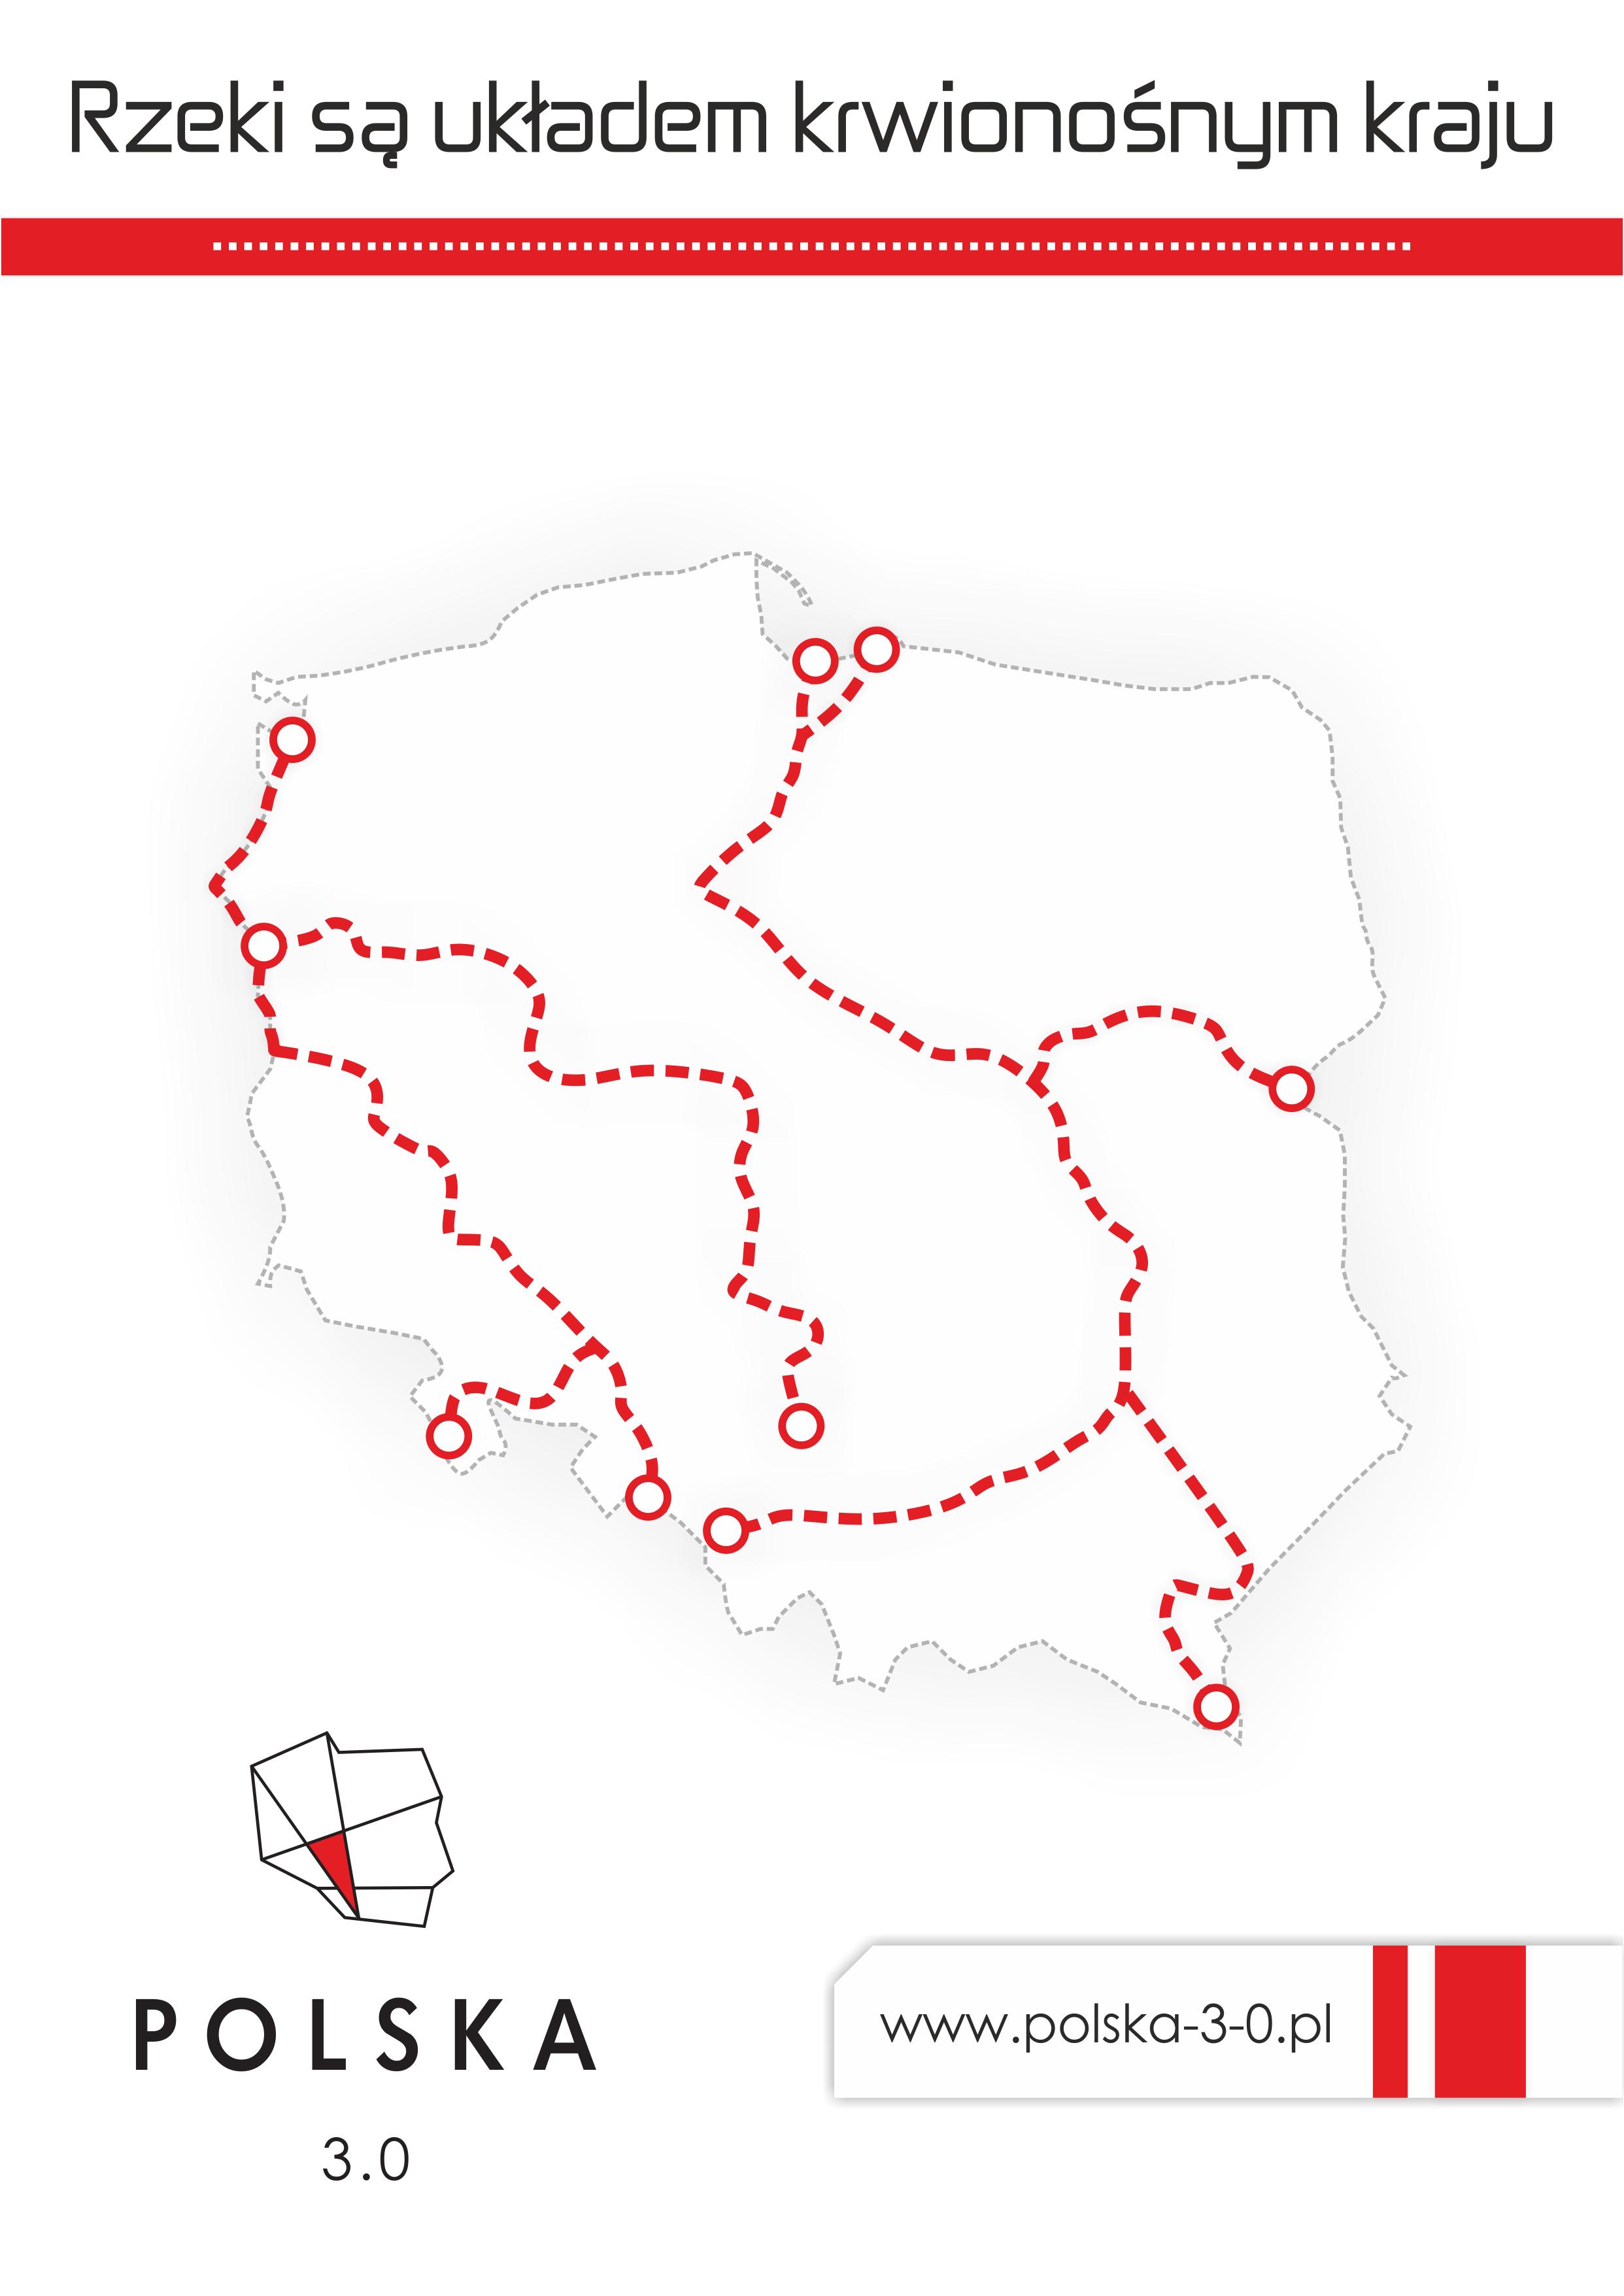 Hasło układ krwionośny kraju V2 PNG-INTERNET PL